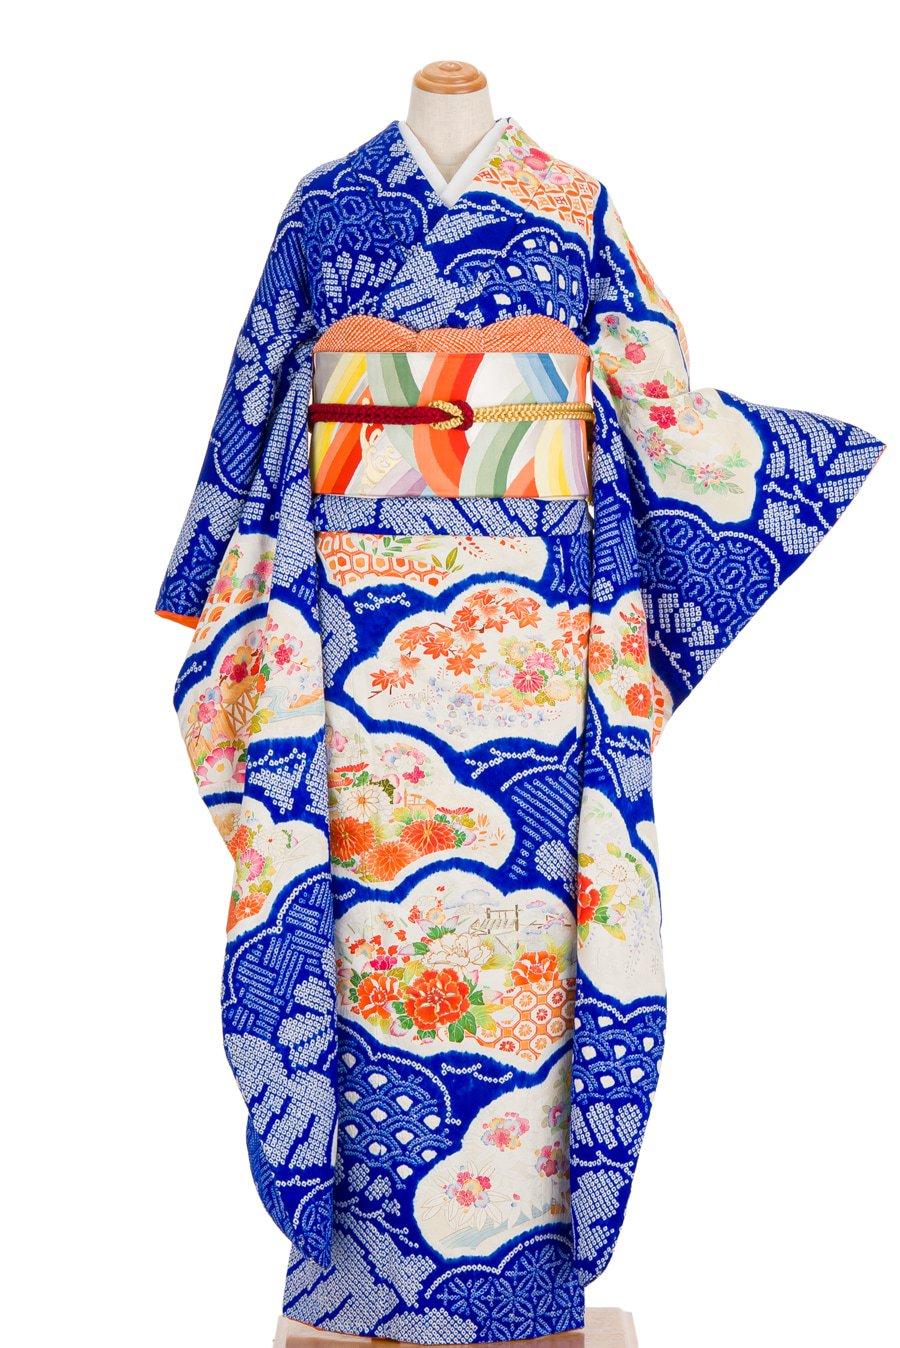 「振袖 青絞り 松シルエットに花」の商品画像